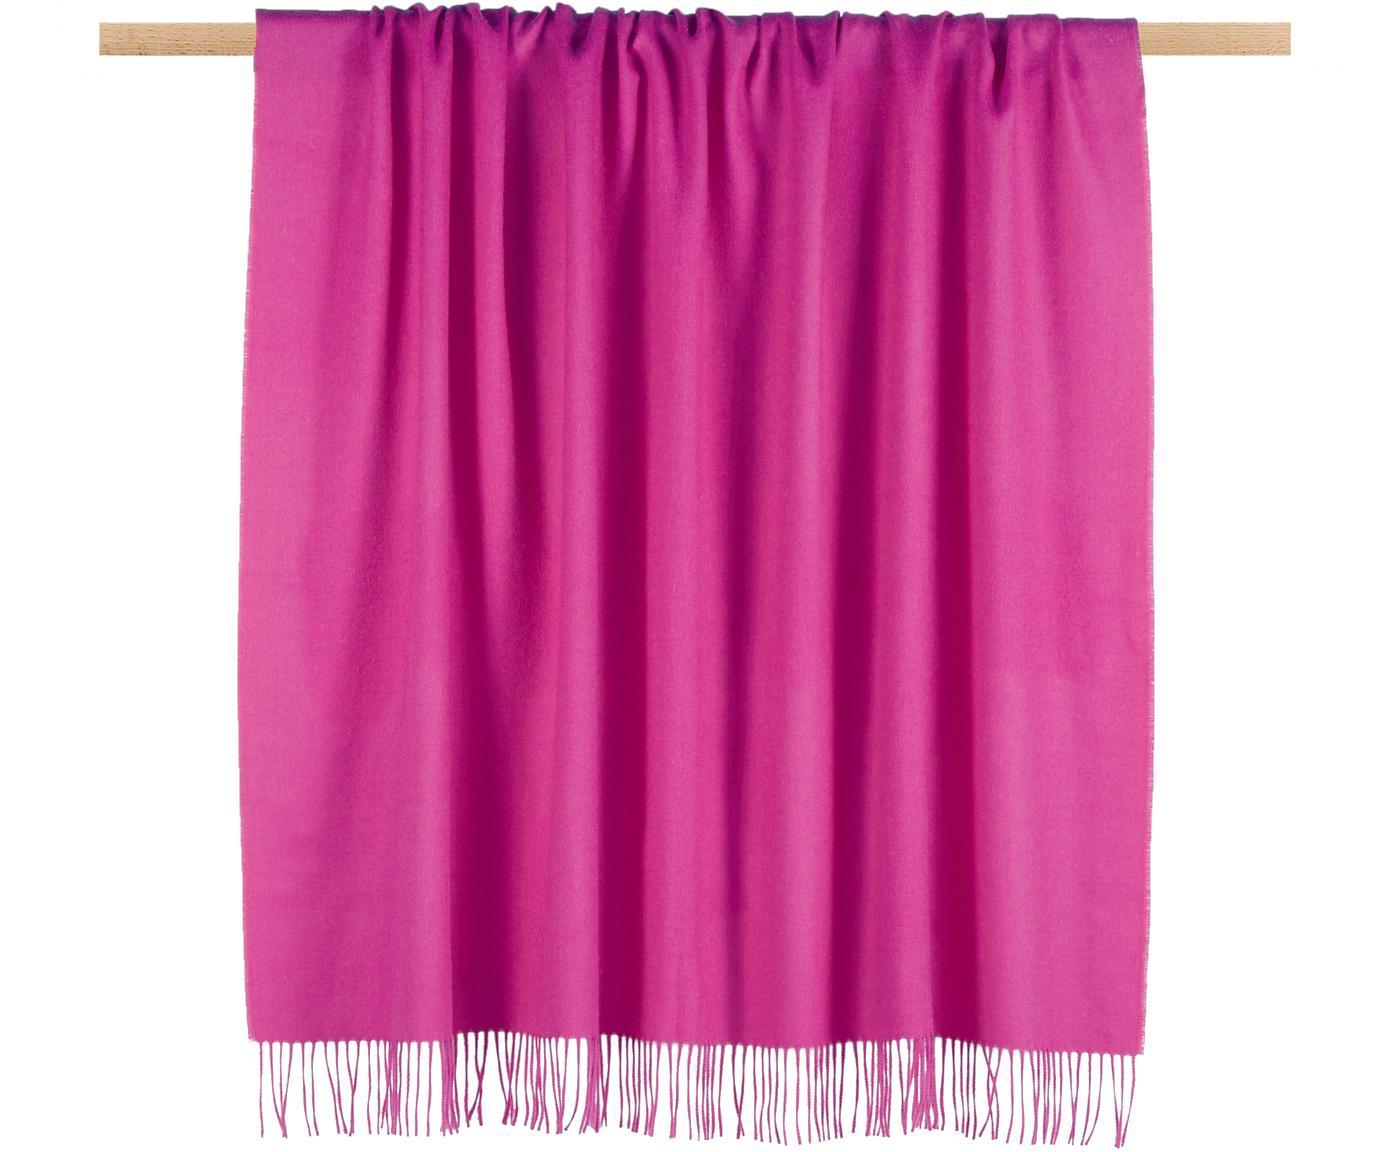 Pled z wełny z młodych alpak Luxury, Różowy, S 130 x D 200 cm